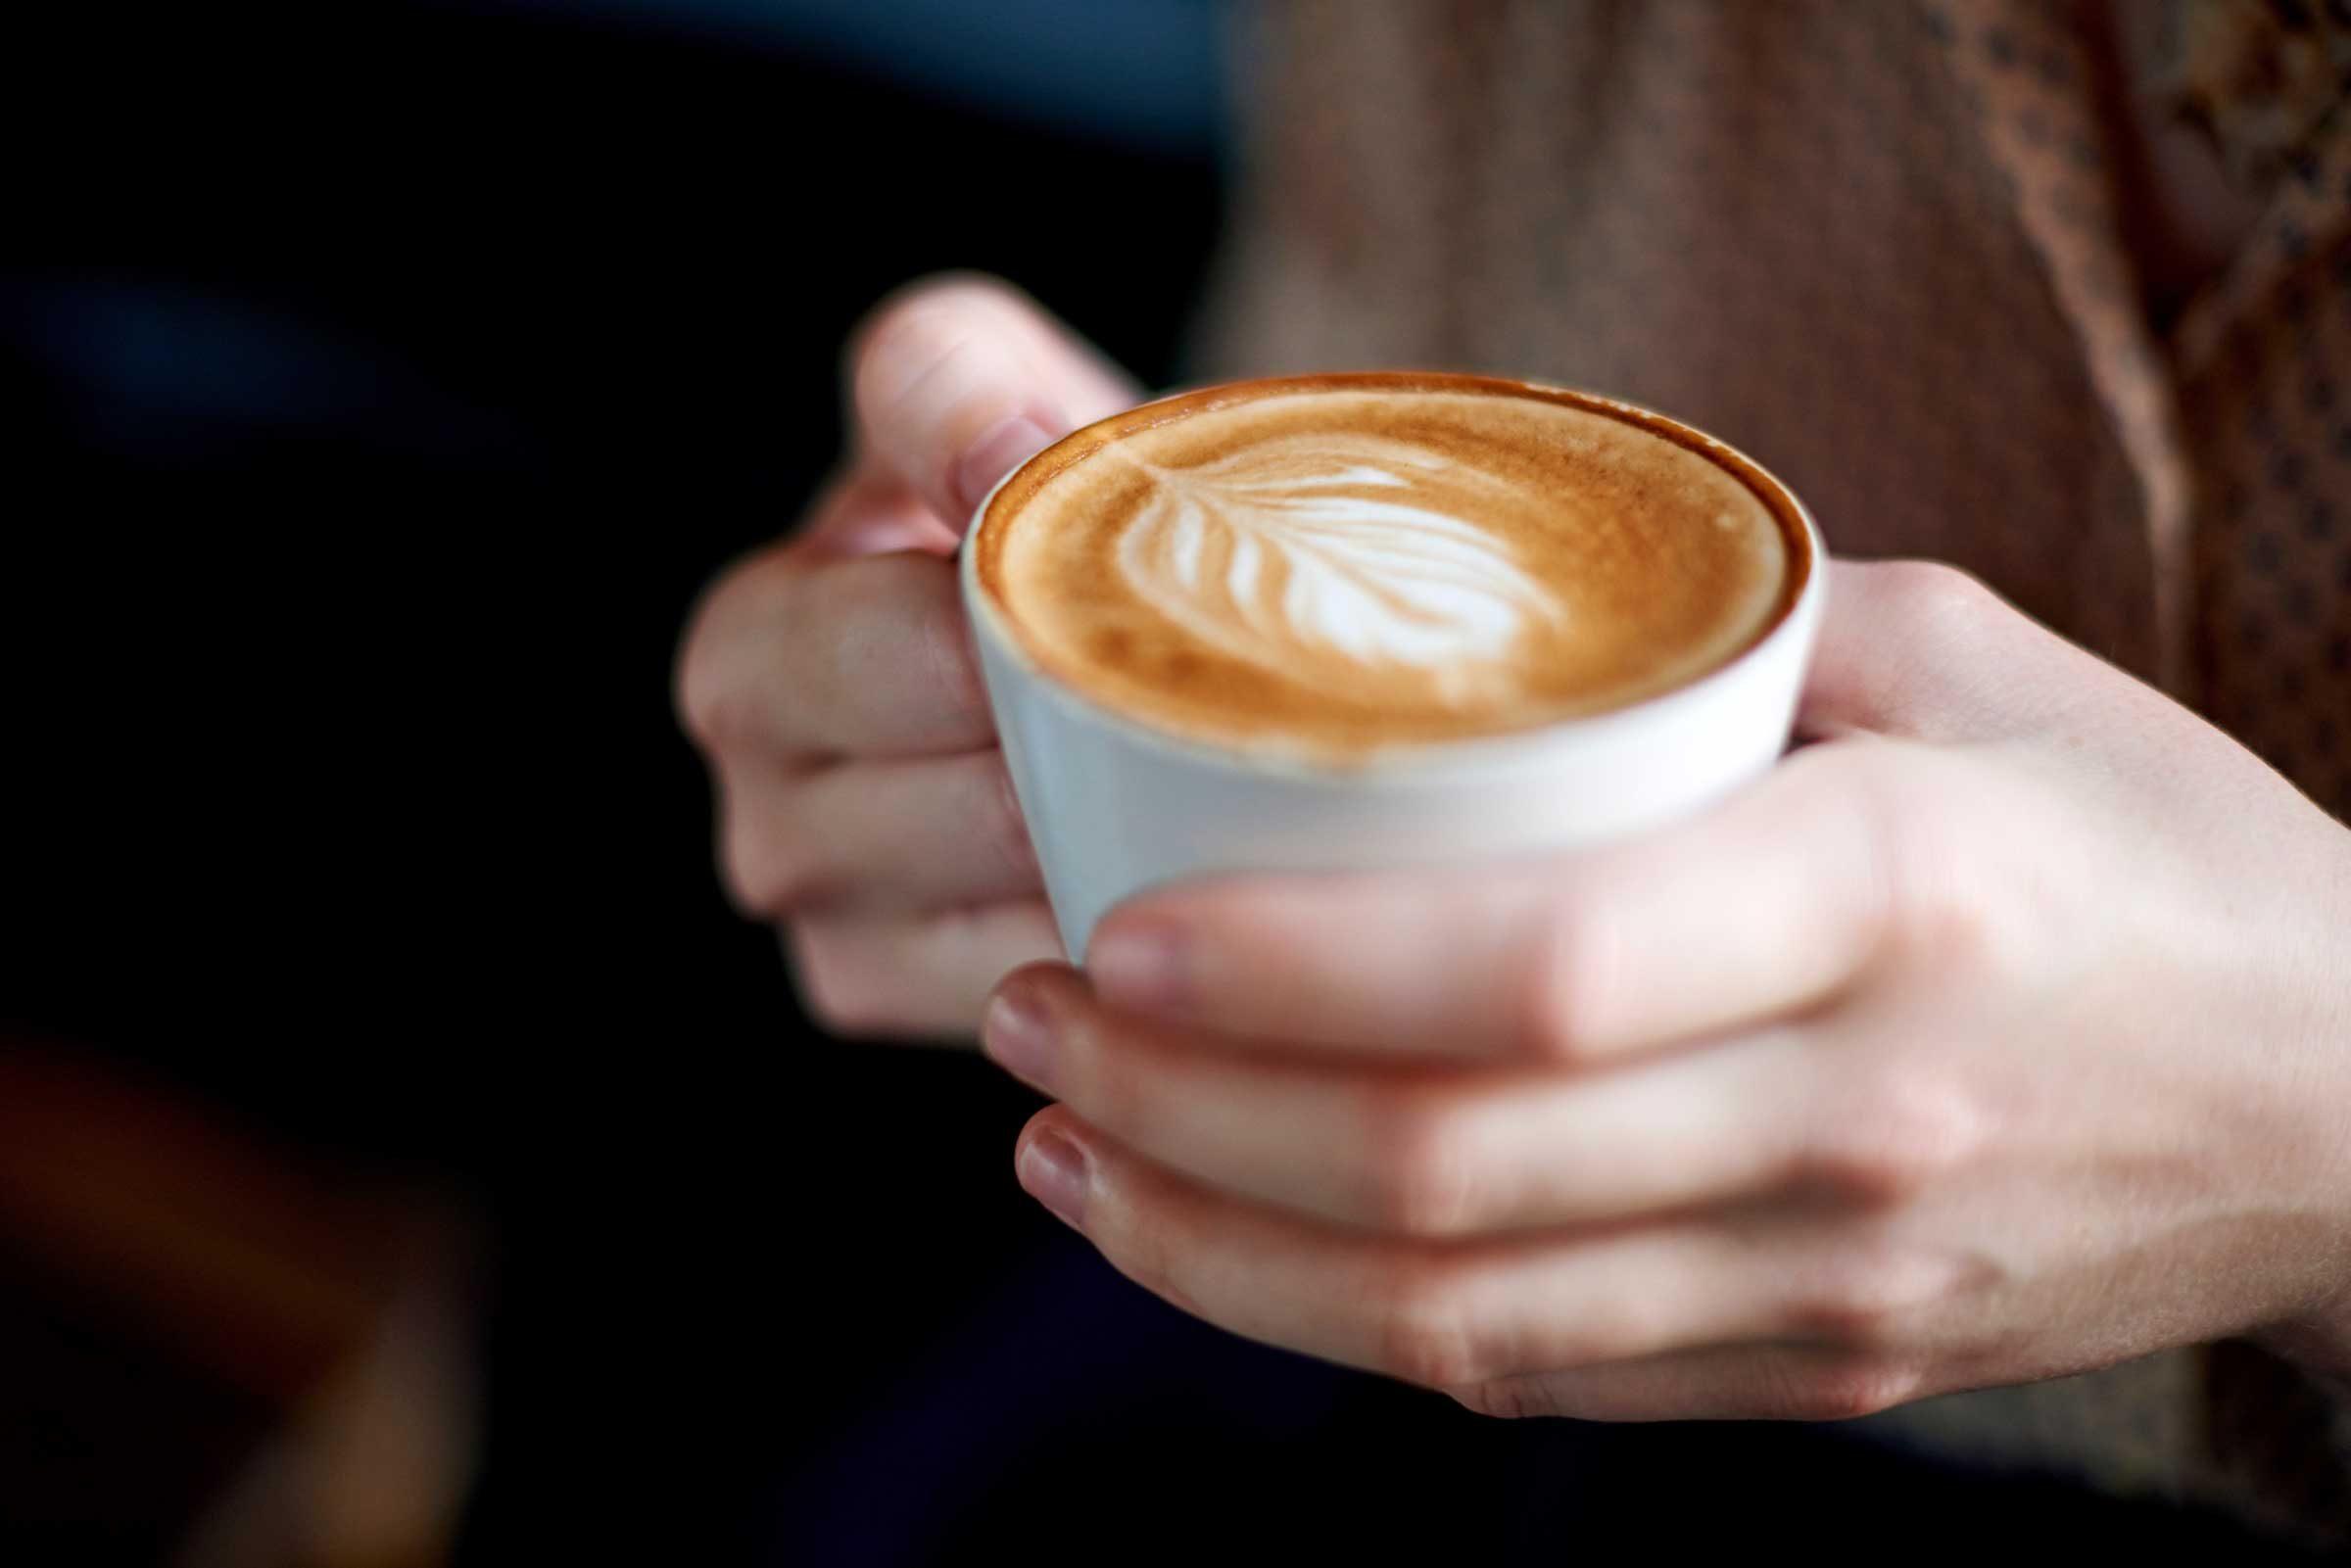 No one is immune to caffeine